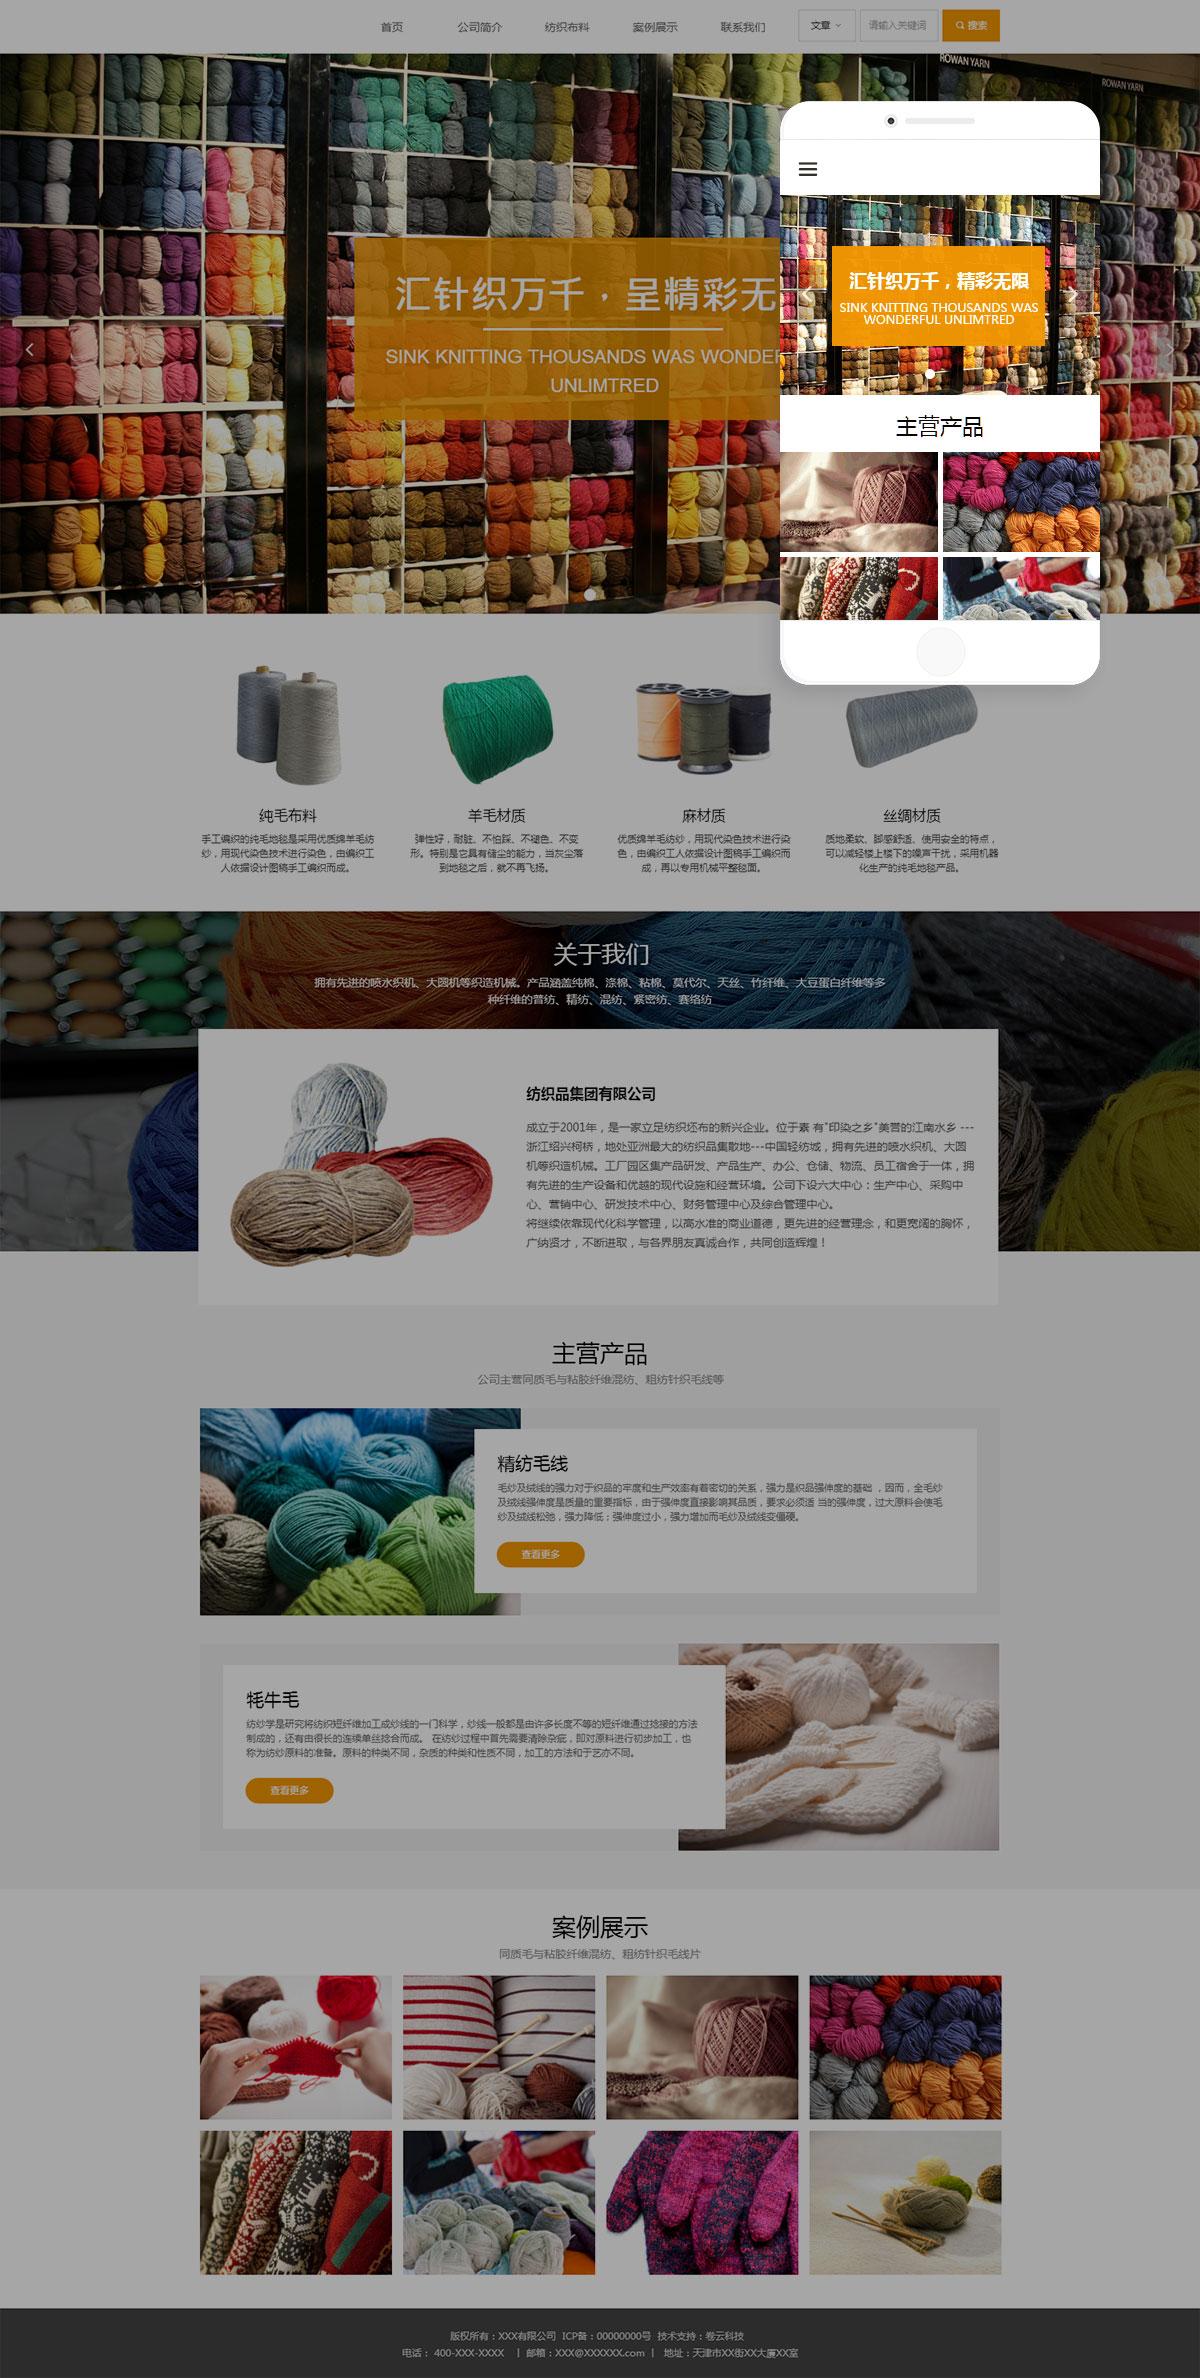 针织纺织品集团手机微端网站案例